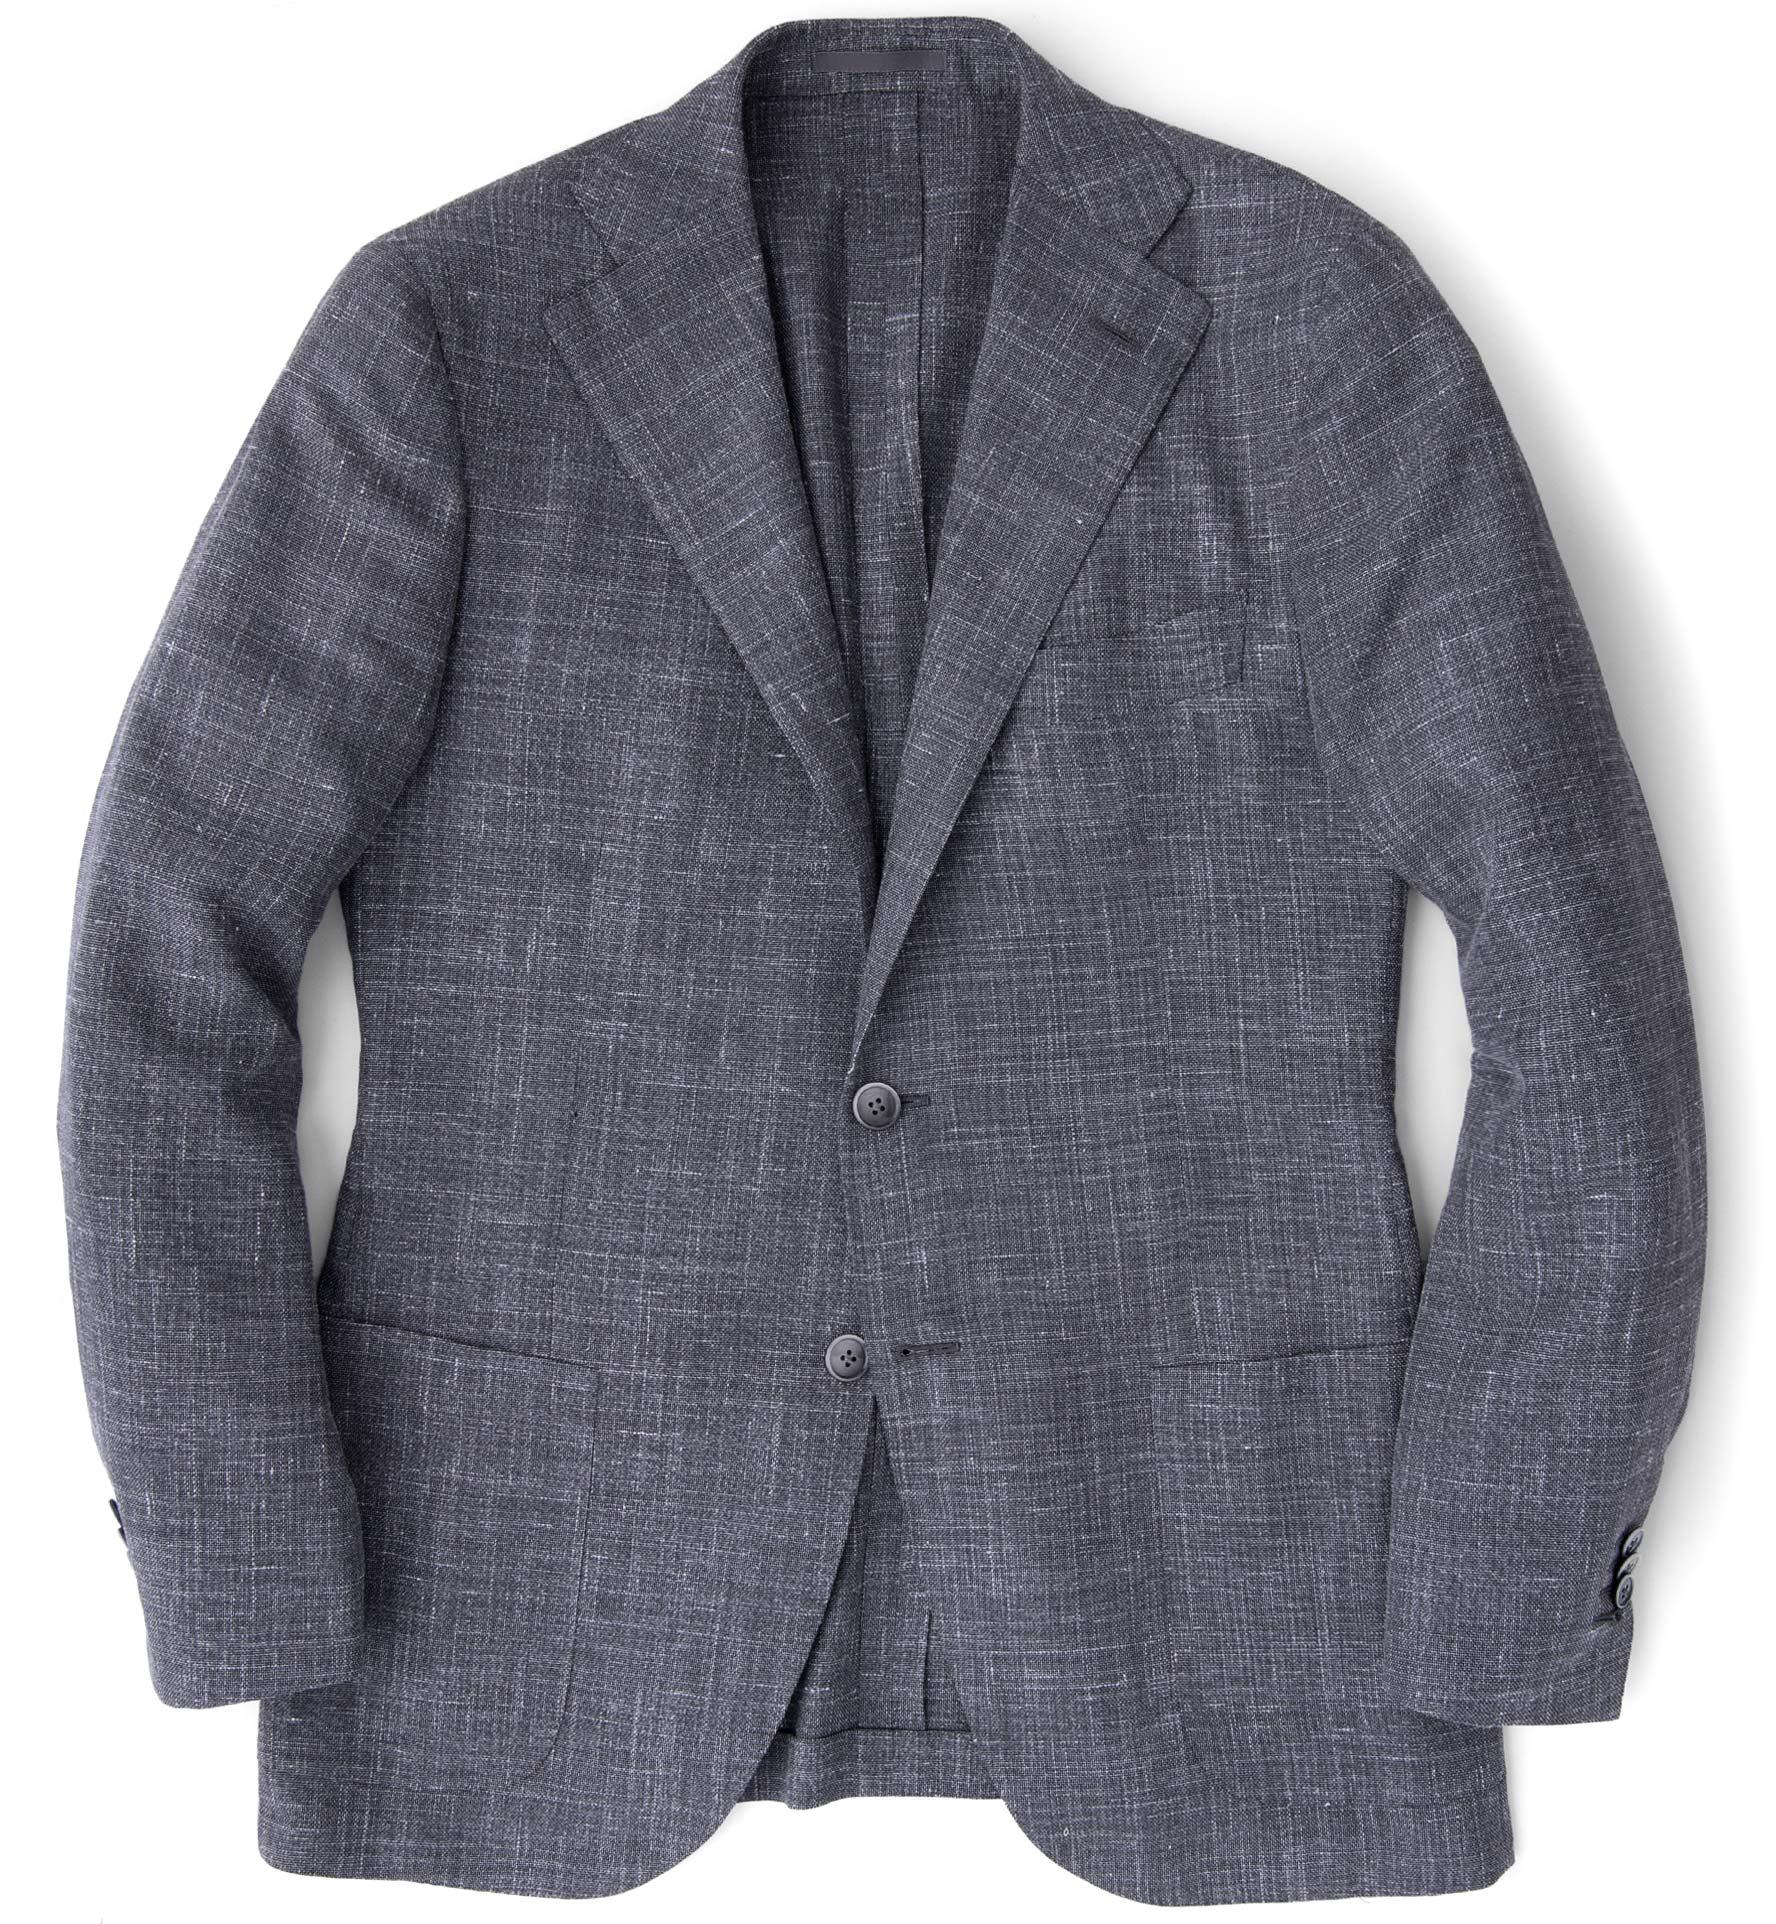 Zoom Image of Hudson Grey Slub Weave Jacket